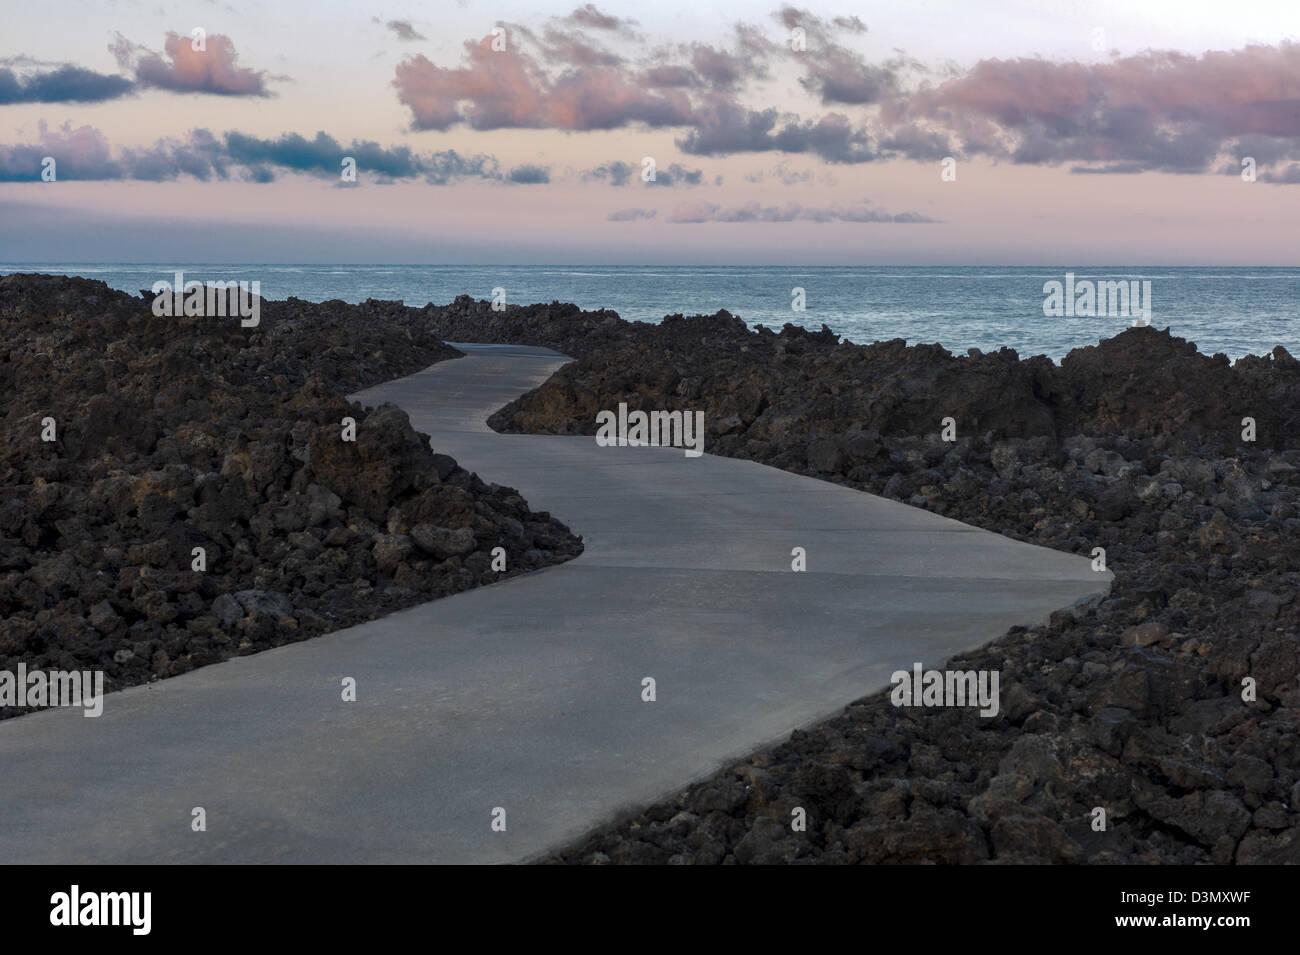 Weg entlang der Ufer der Kohala Coast. Big Island, Hawaii. Stockbild